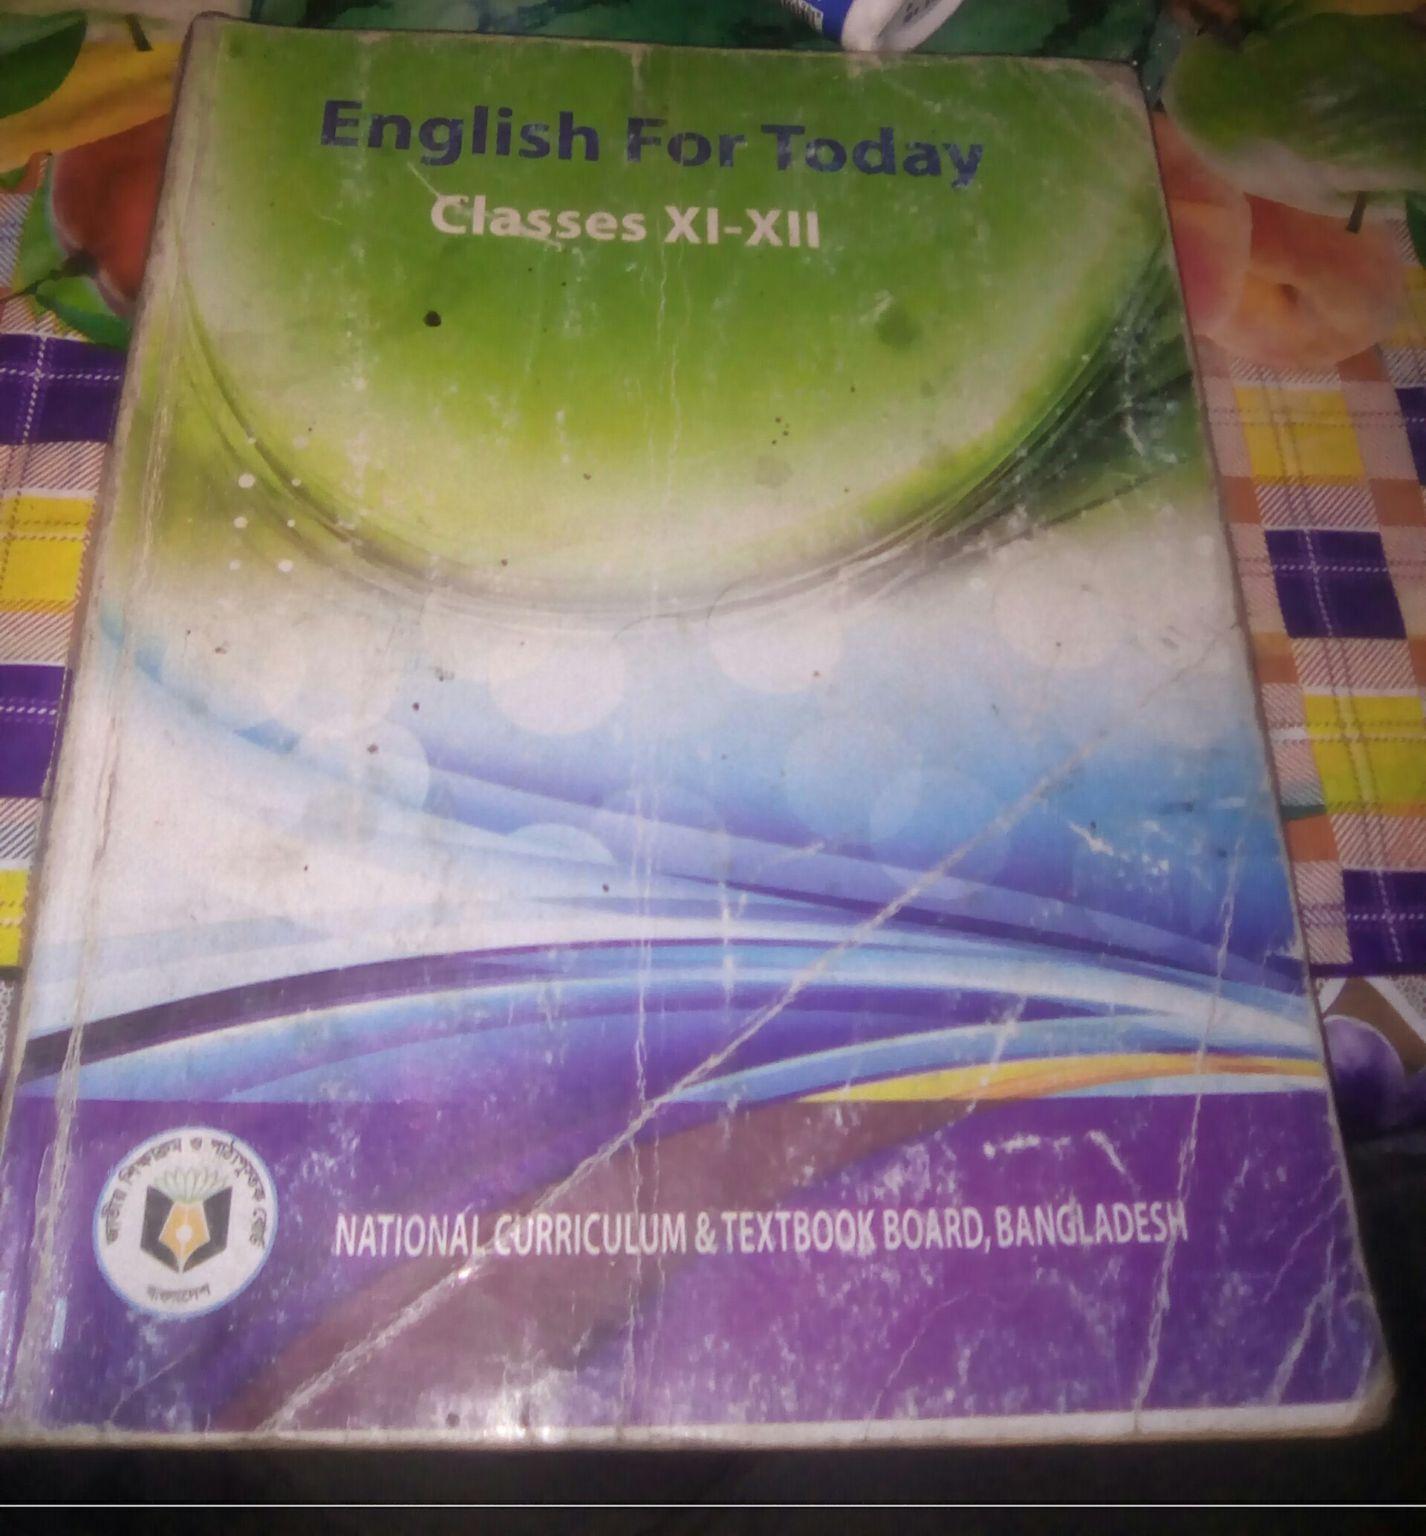 একাদশ-দ্বাদশ শ্রেণীর জন্য English For Today বইটি ফ্রী Download করুন[XI-XII]